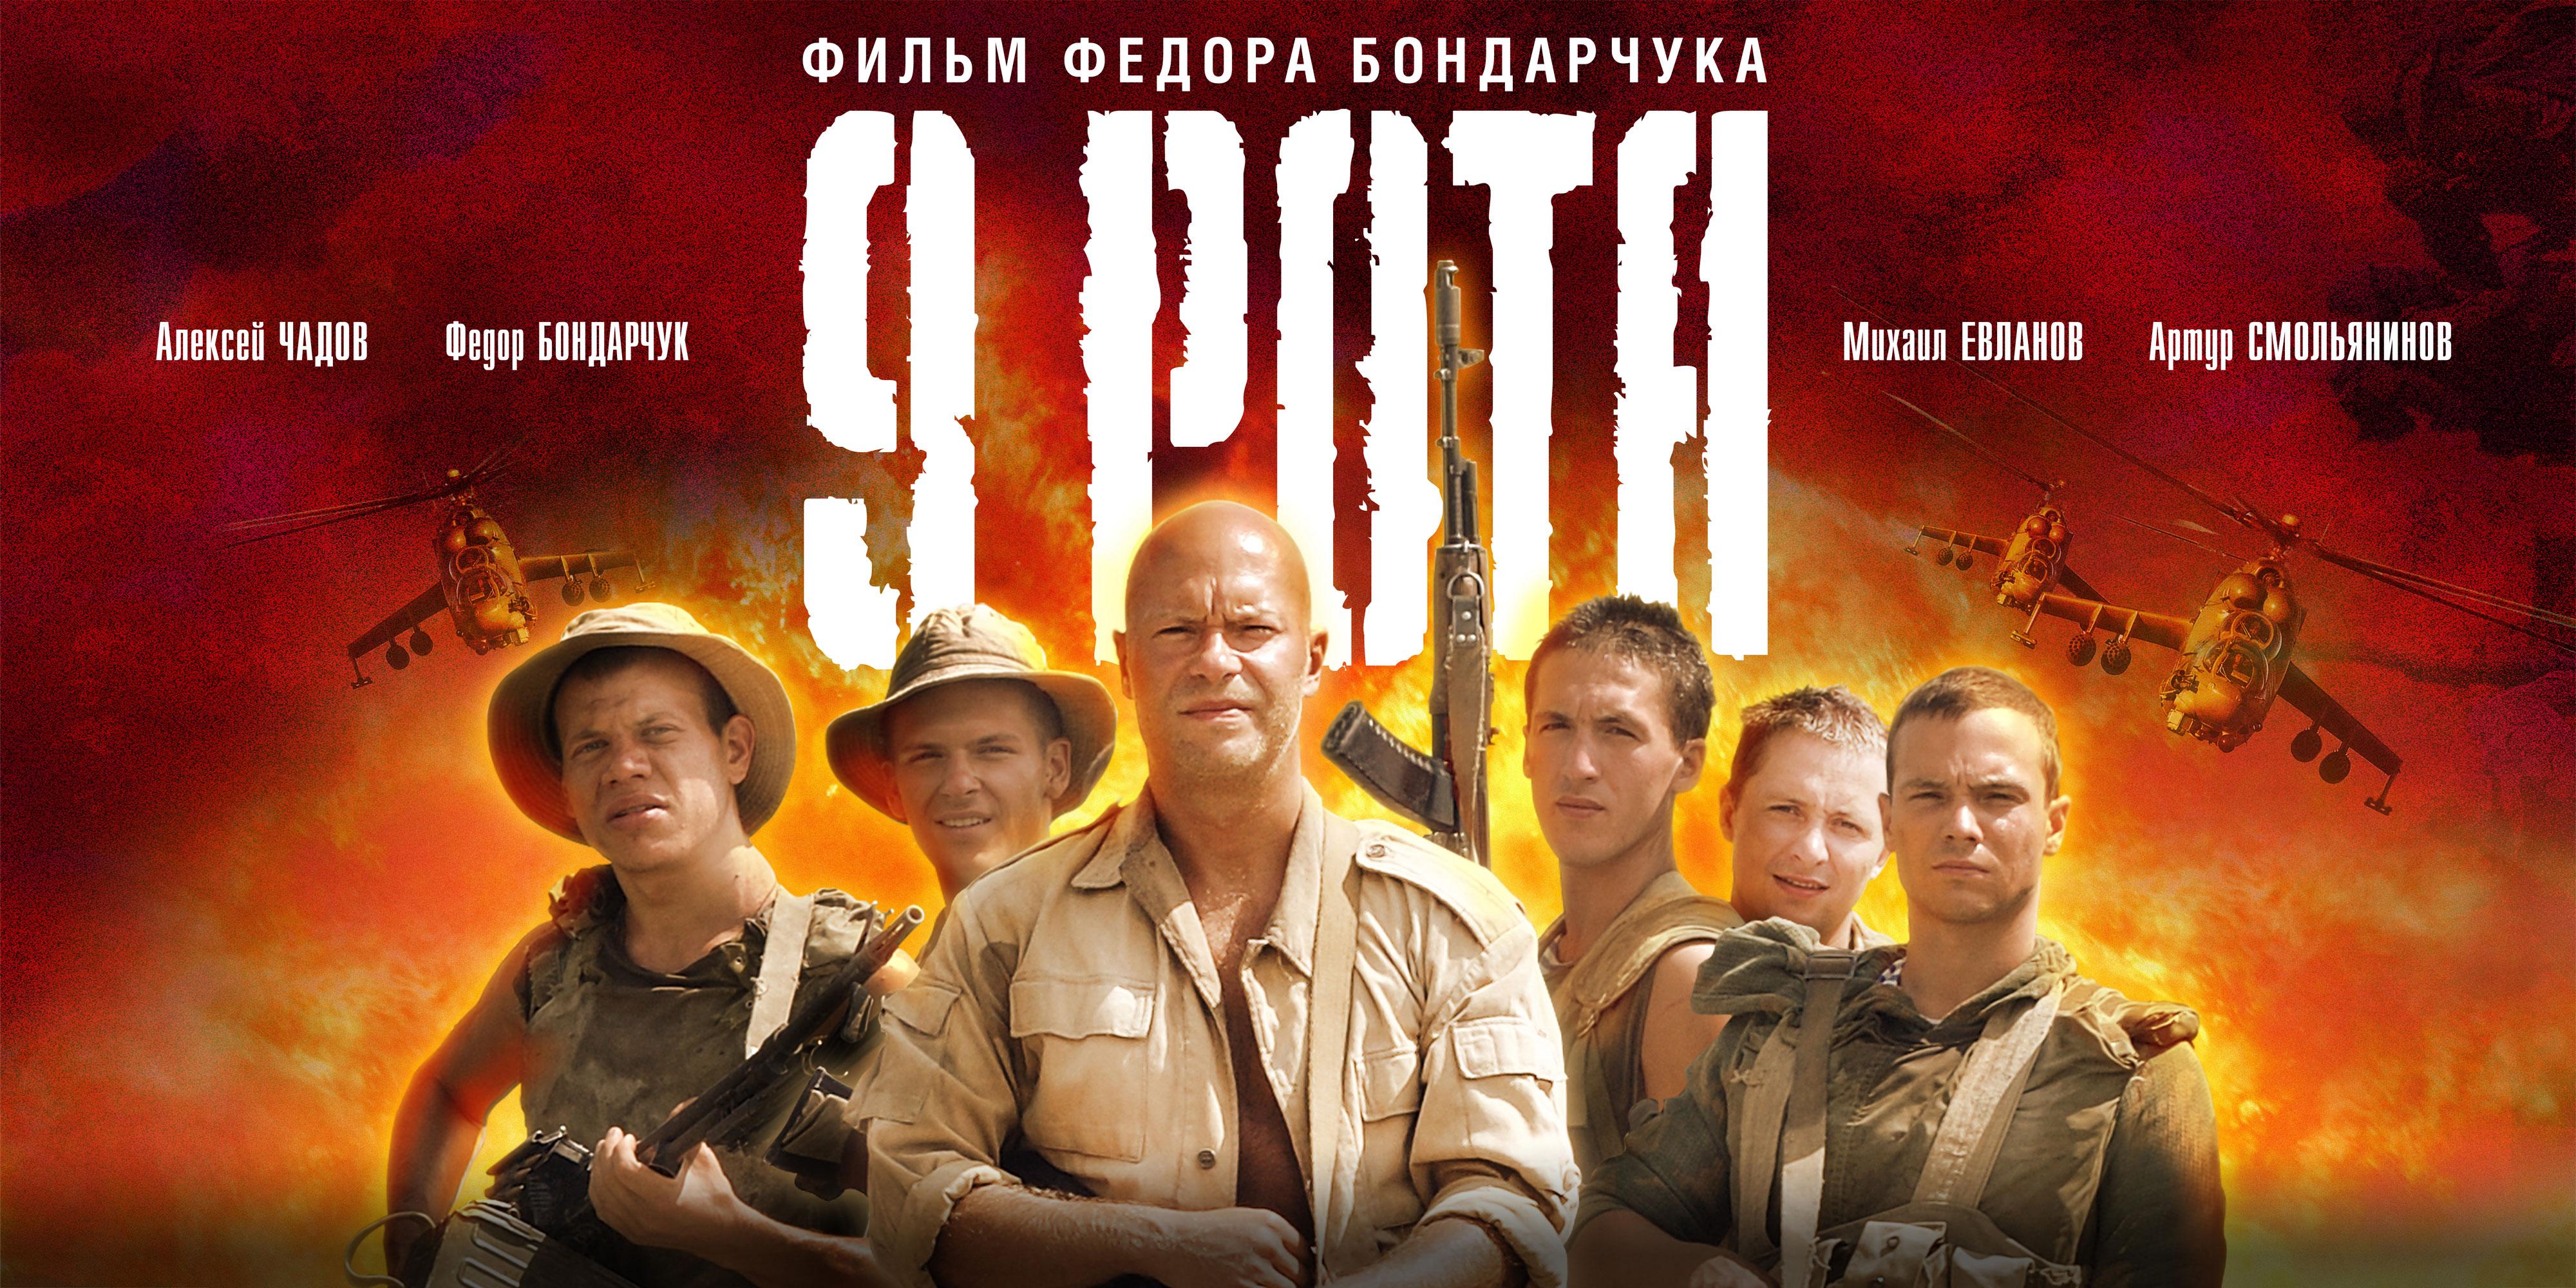 смотреть военное русское кино онлайн